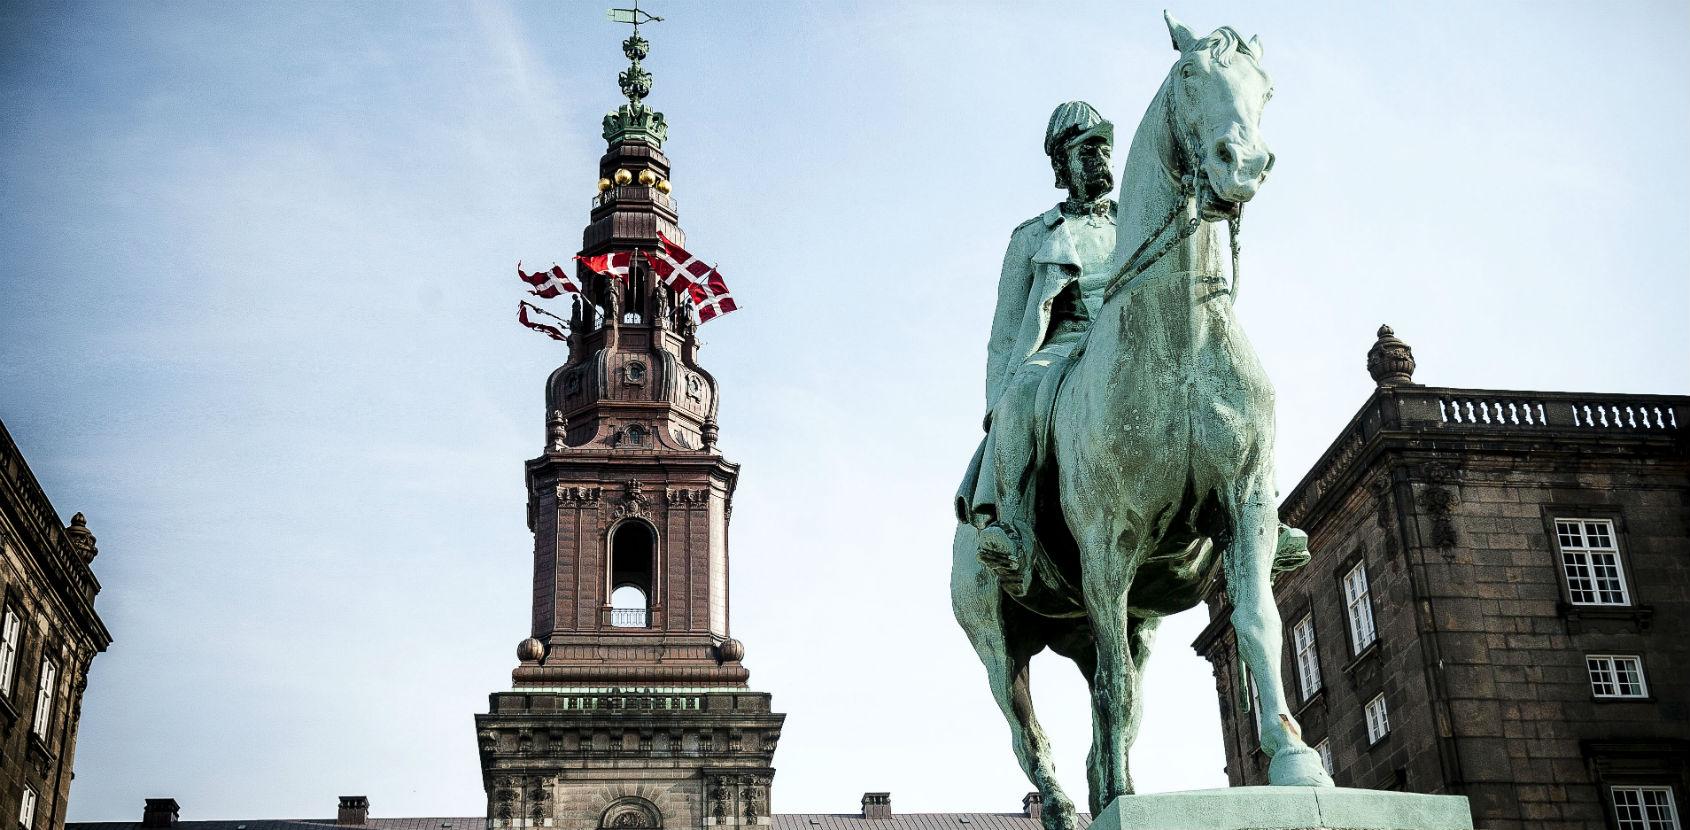 Contact Christiansborg Palace. Photo: Thomas Rahbek SLKE